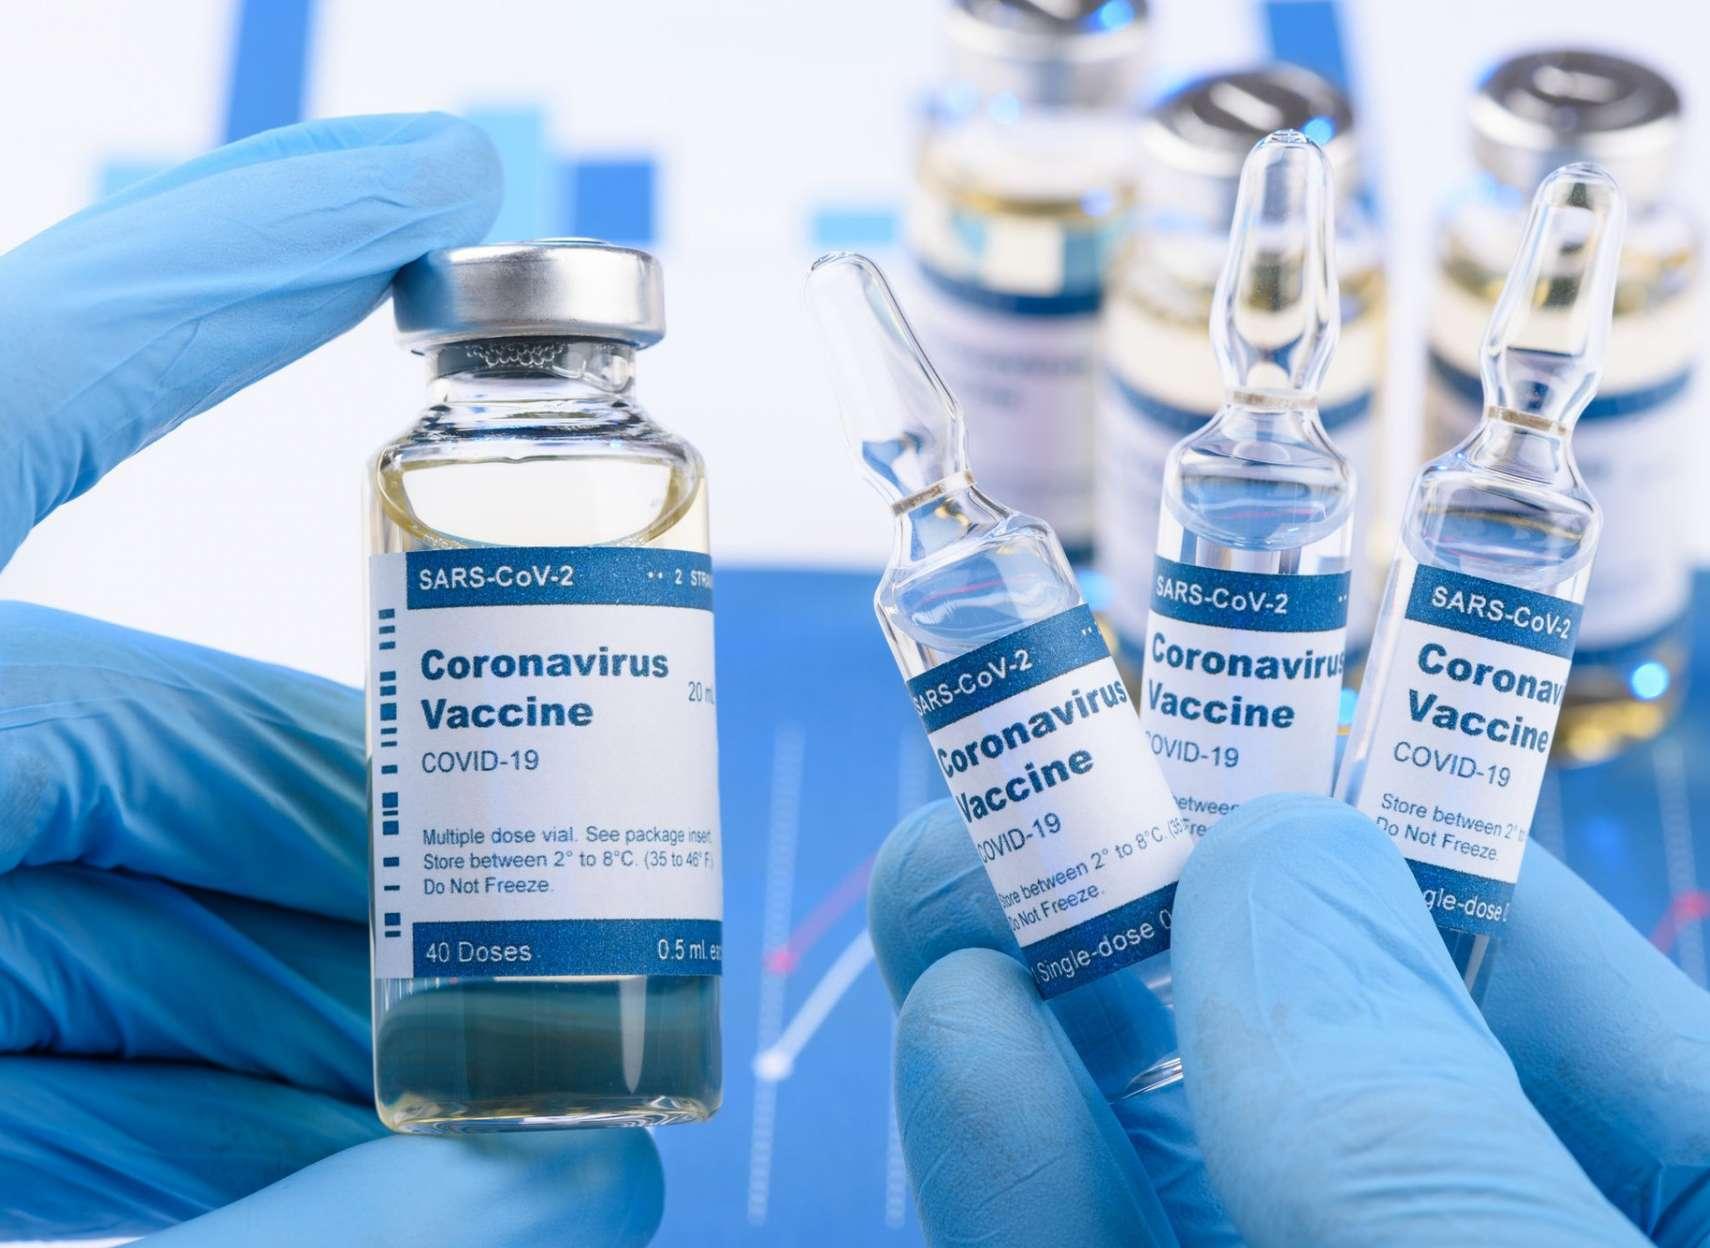 انتقاد-های-محافظه-کاران-درباره-زمانبندی-واکسن-کرونا-و-پاسخ-دولت-ترودو-چیست-توضیحات-مهم- شرکت-مدرنا-درباره-ارسال-واکسن-به-کانادا